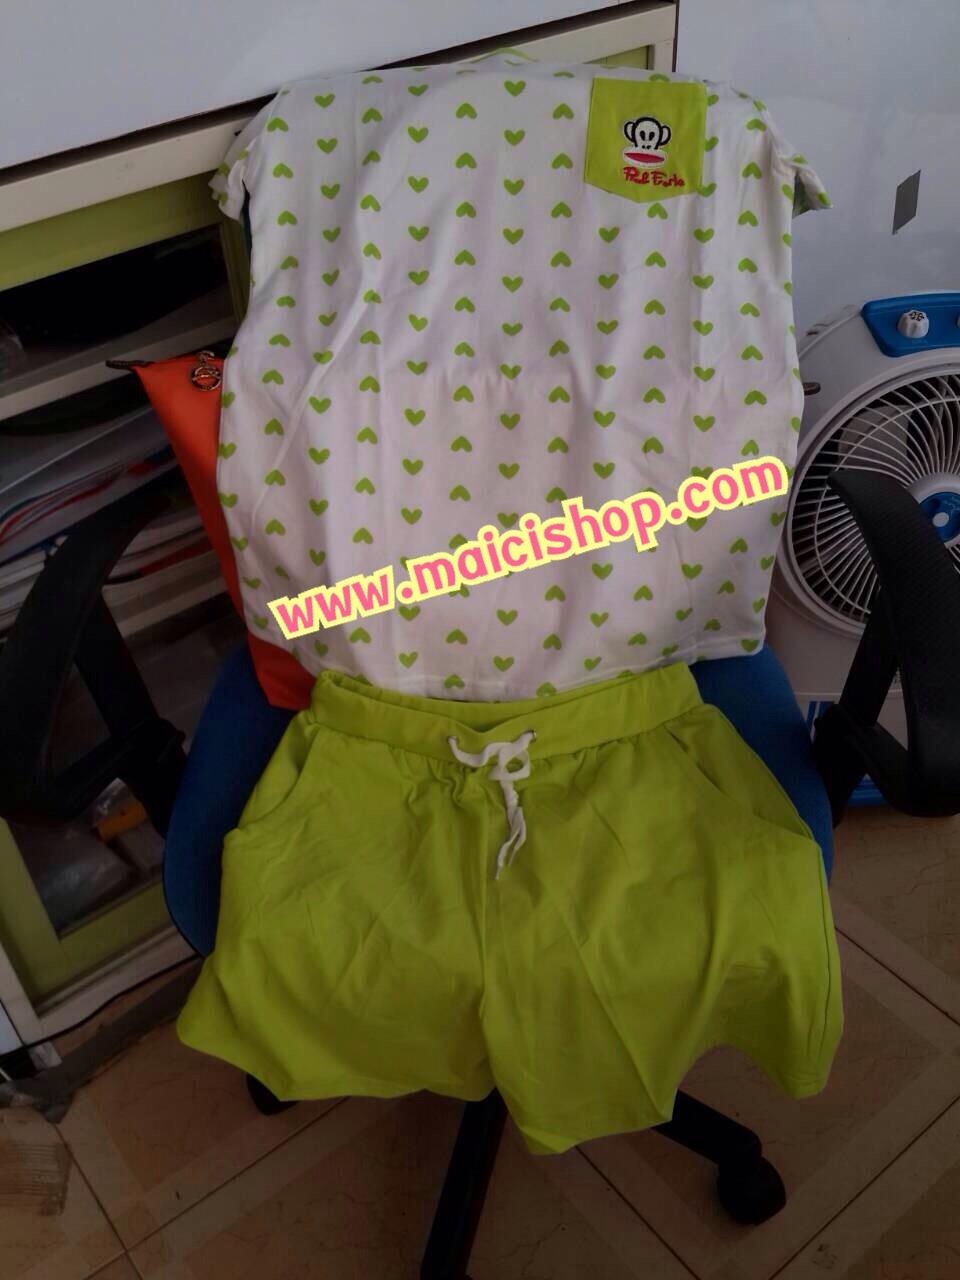 รีวิวสินค้าร้านเรา maicishop.com คะ ชุดนอนน่ารัก ลิง Paul Frank กางเกงสกินนี่ เลคกิ้ง สวย